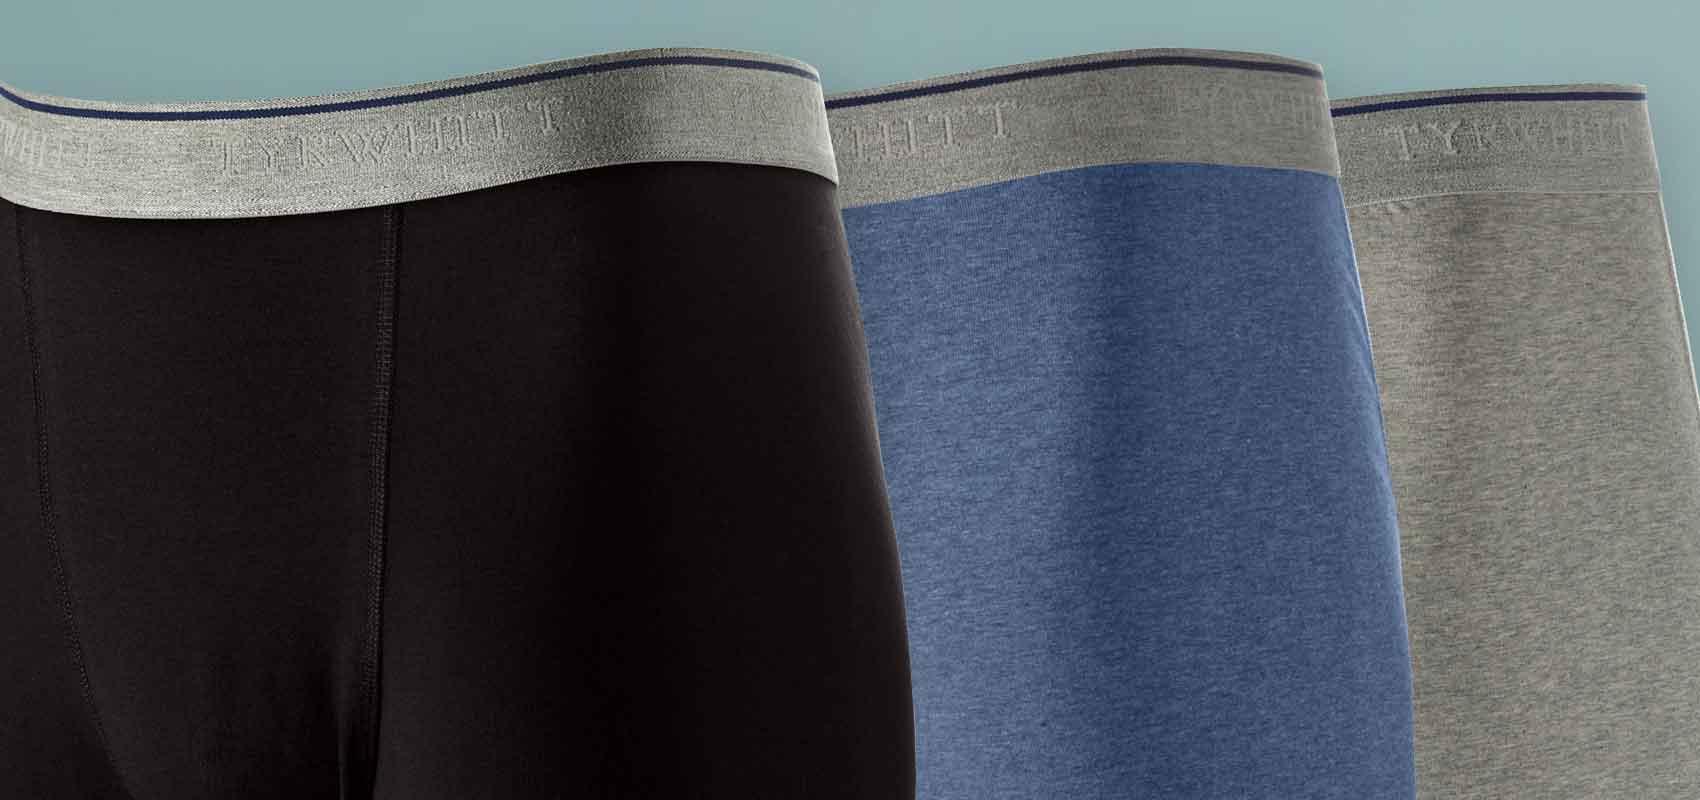 Charles Tyrwhitt underwear